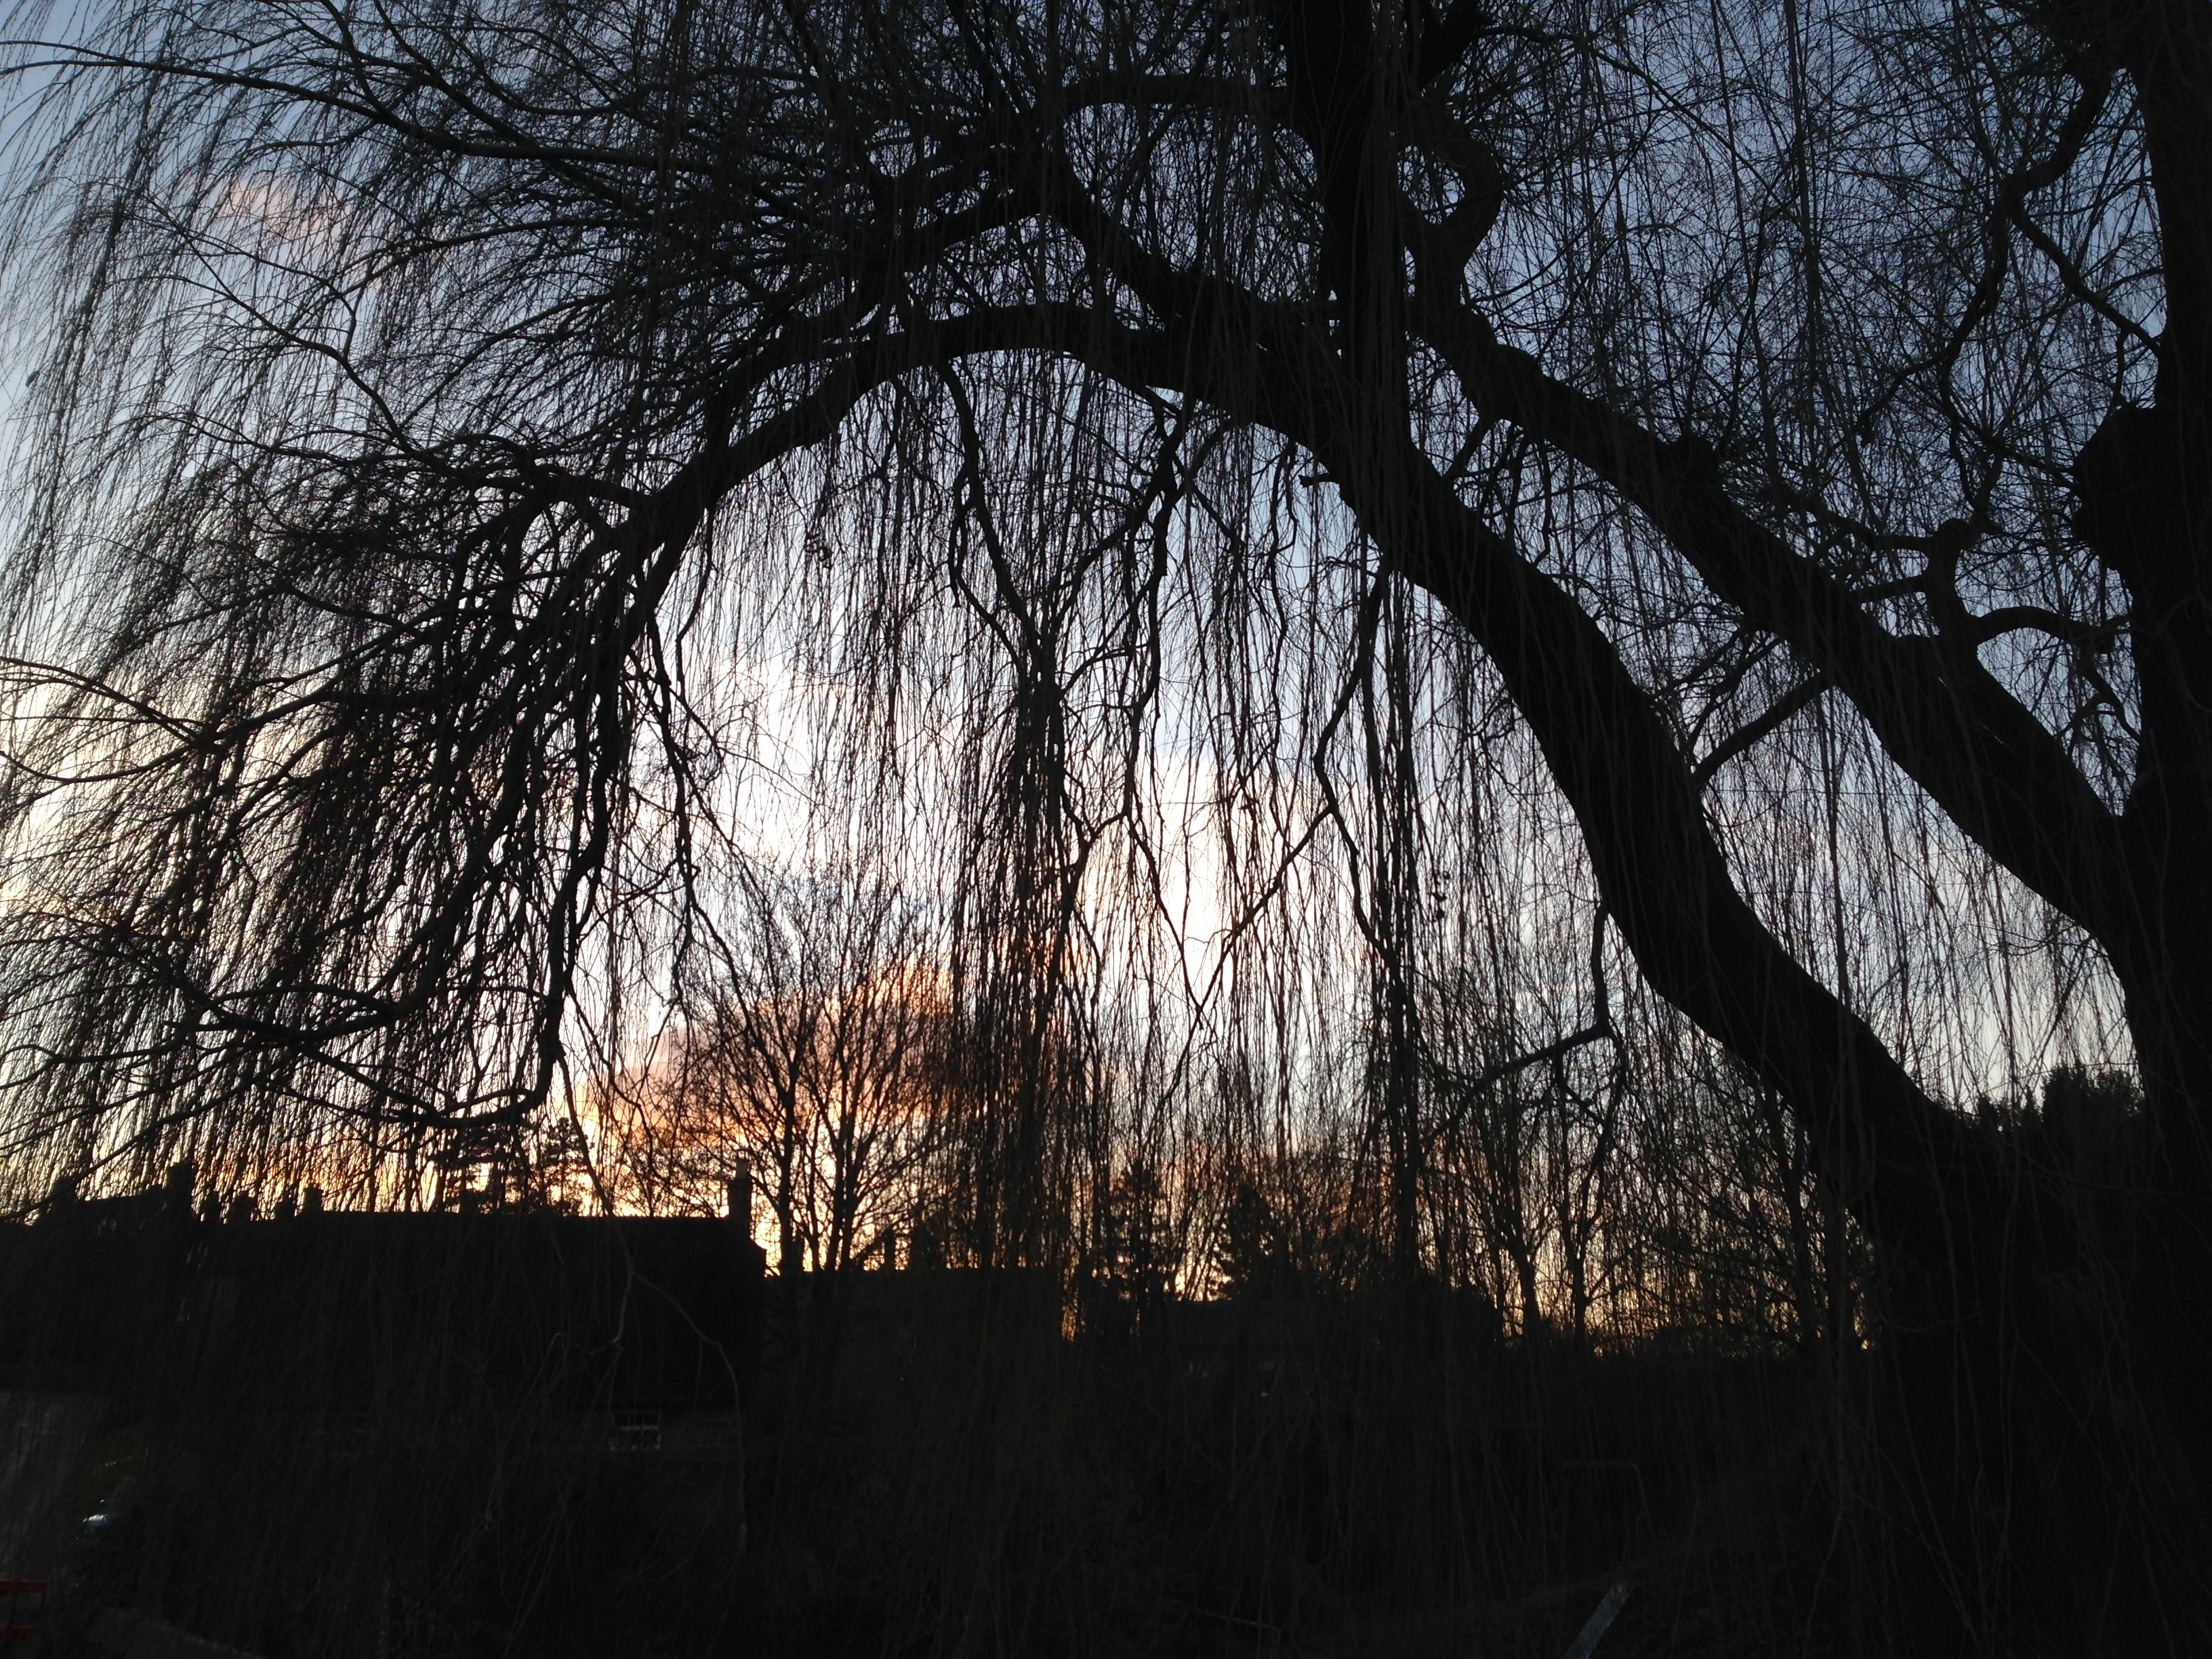 Sunset, Bloxham, England